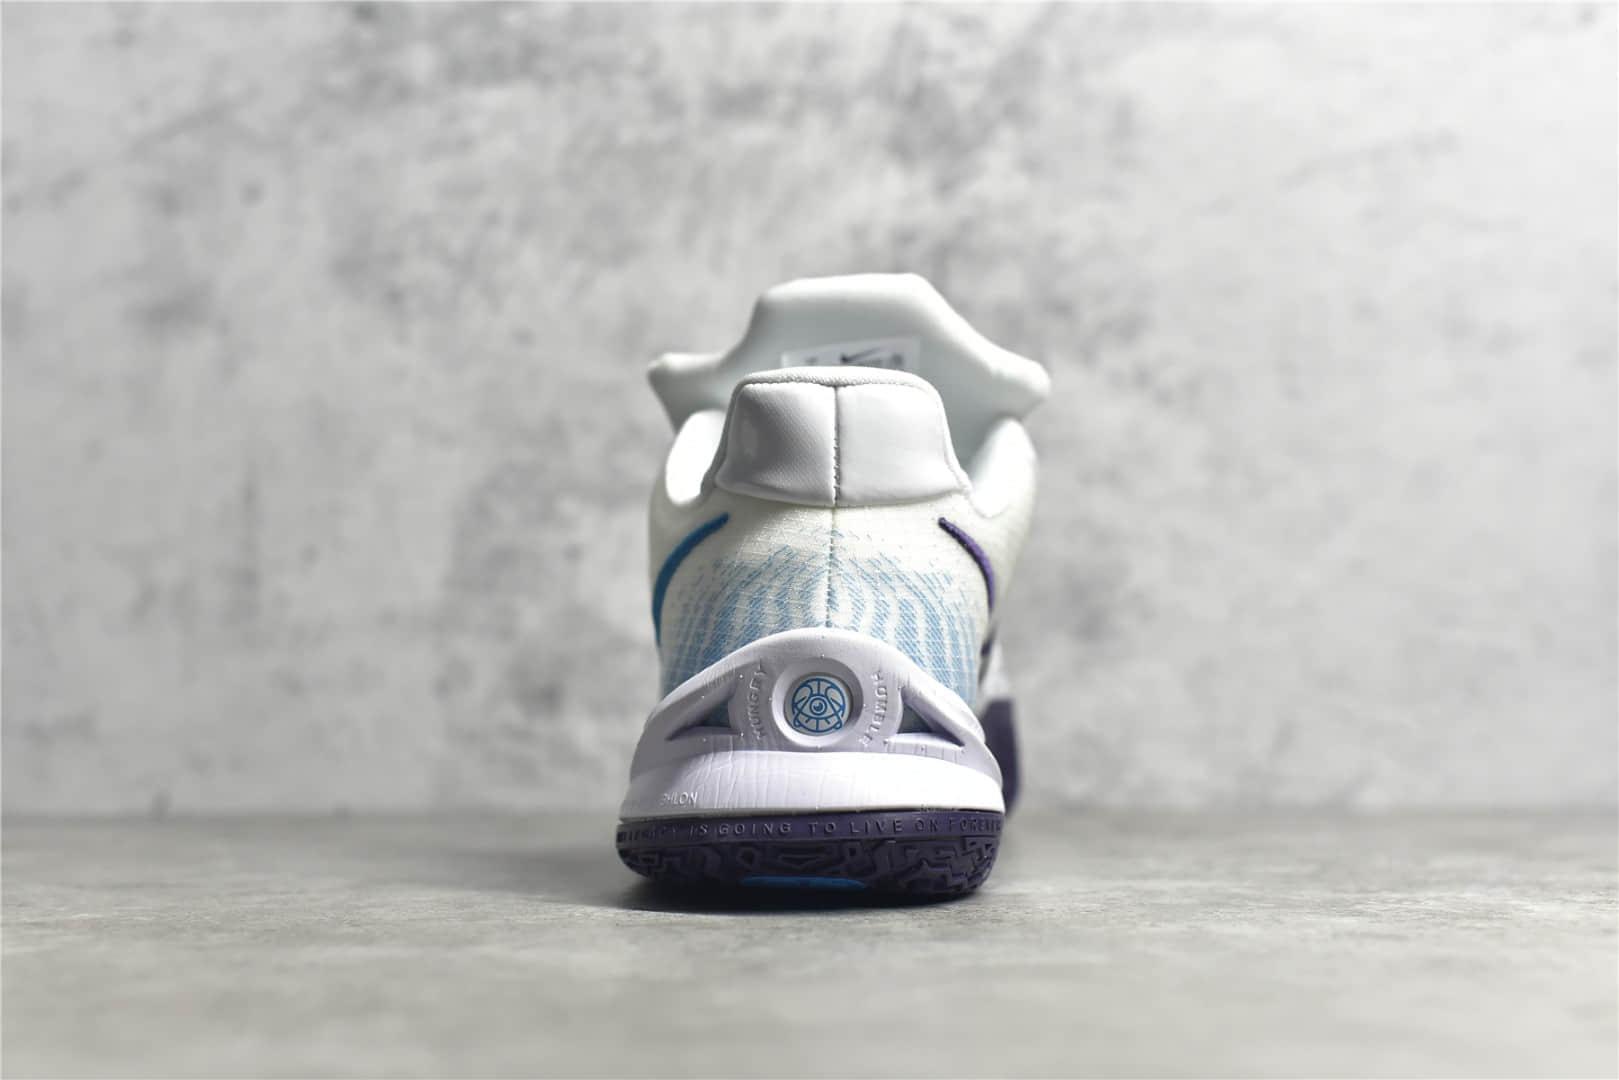 耐克欧文4代实战球鞋灭世纯原版本 Nike Kyrie Low 4 Ep 欧文4实战篮球鞋复刻 货号:CZ0105-100-潮流者之家